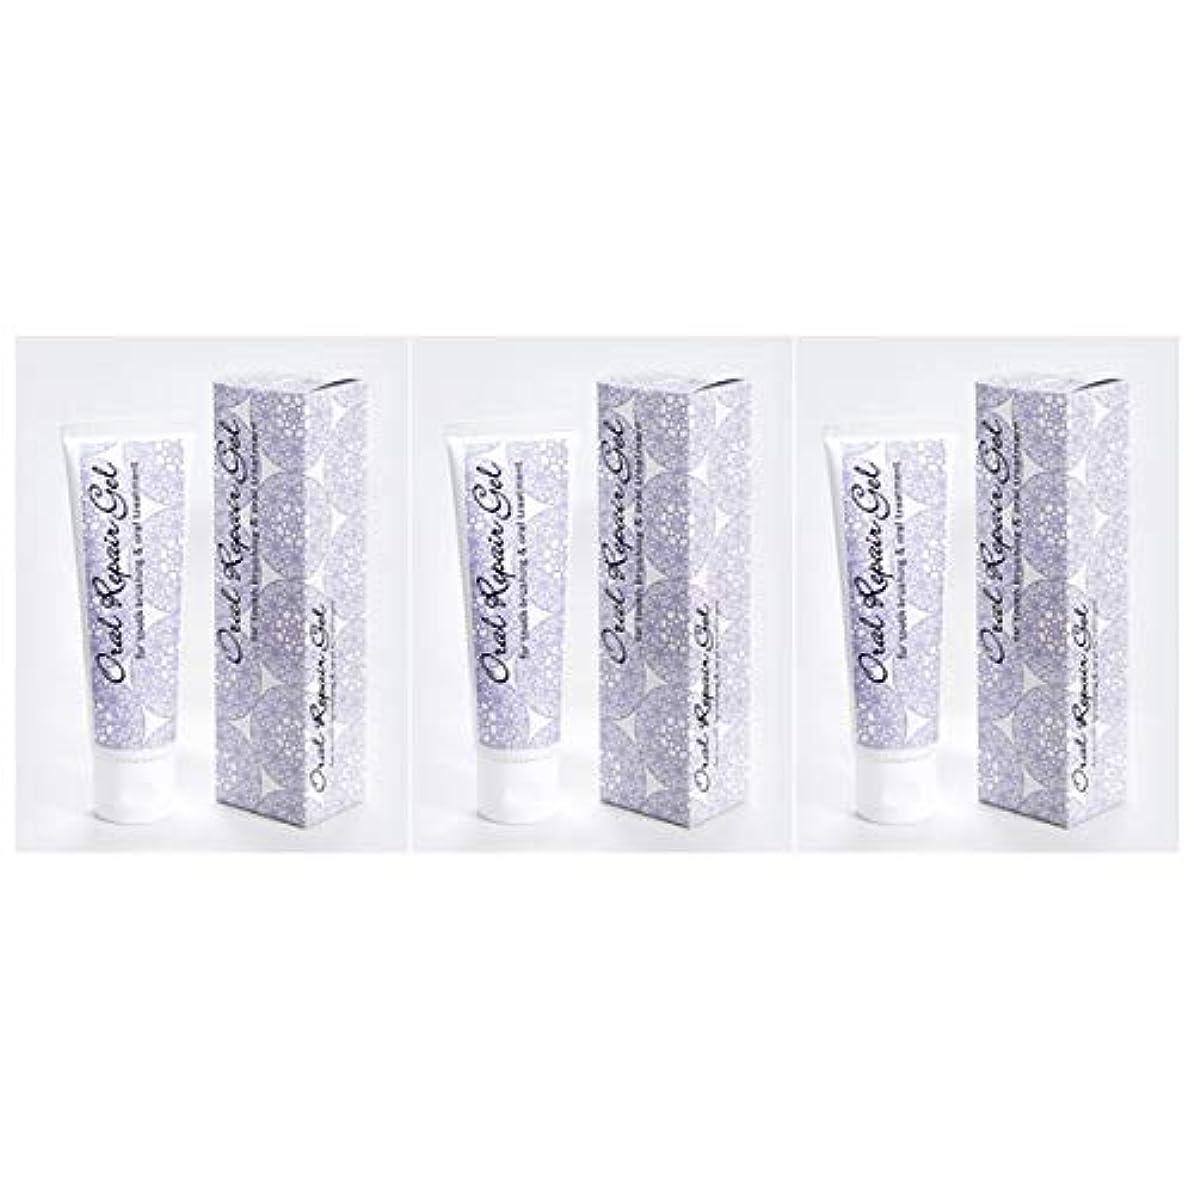 記述するフィラデルフィア登るオーラルリペアジェル3個セット(80g×3個) 天然アパタイト+乳酸菌生産物質配合の無添加歯磨き剤